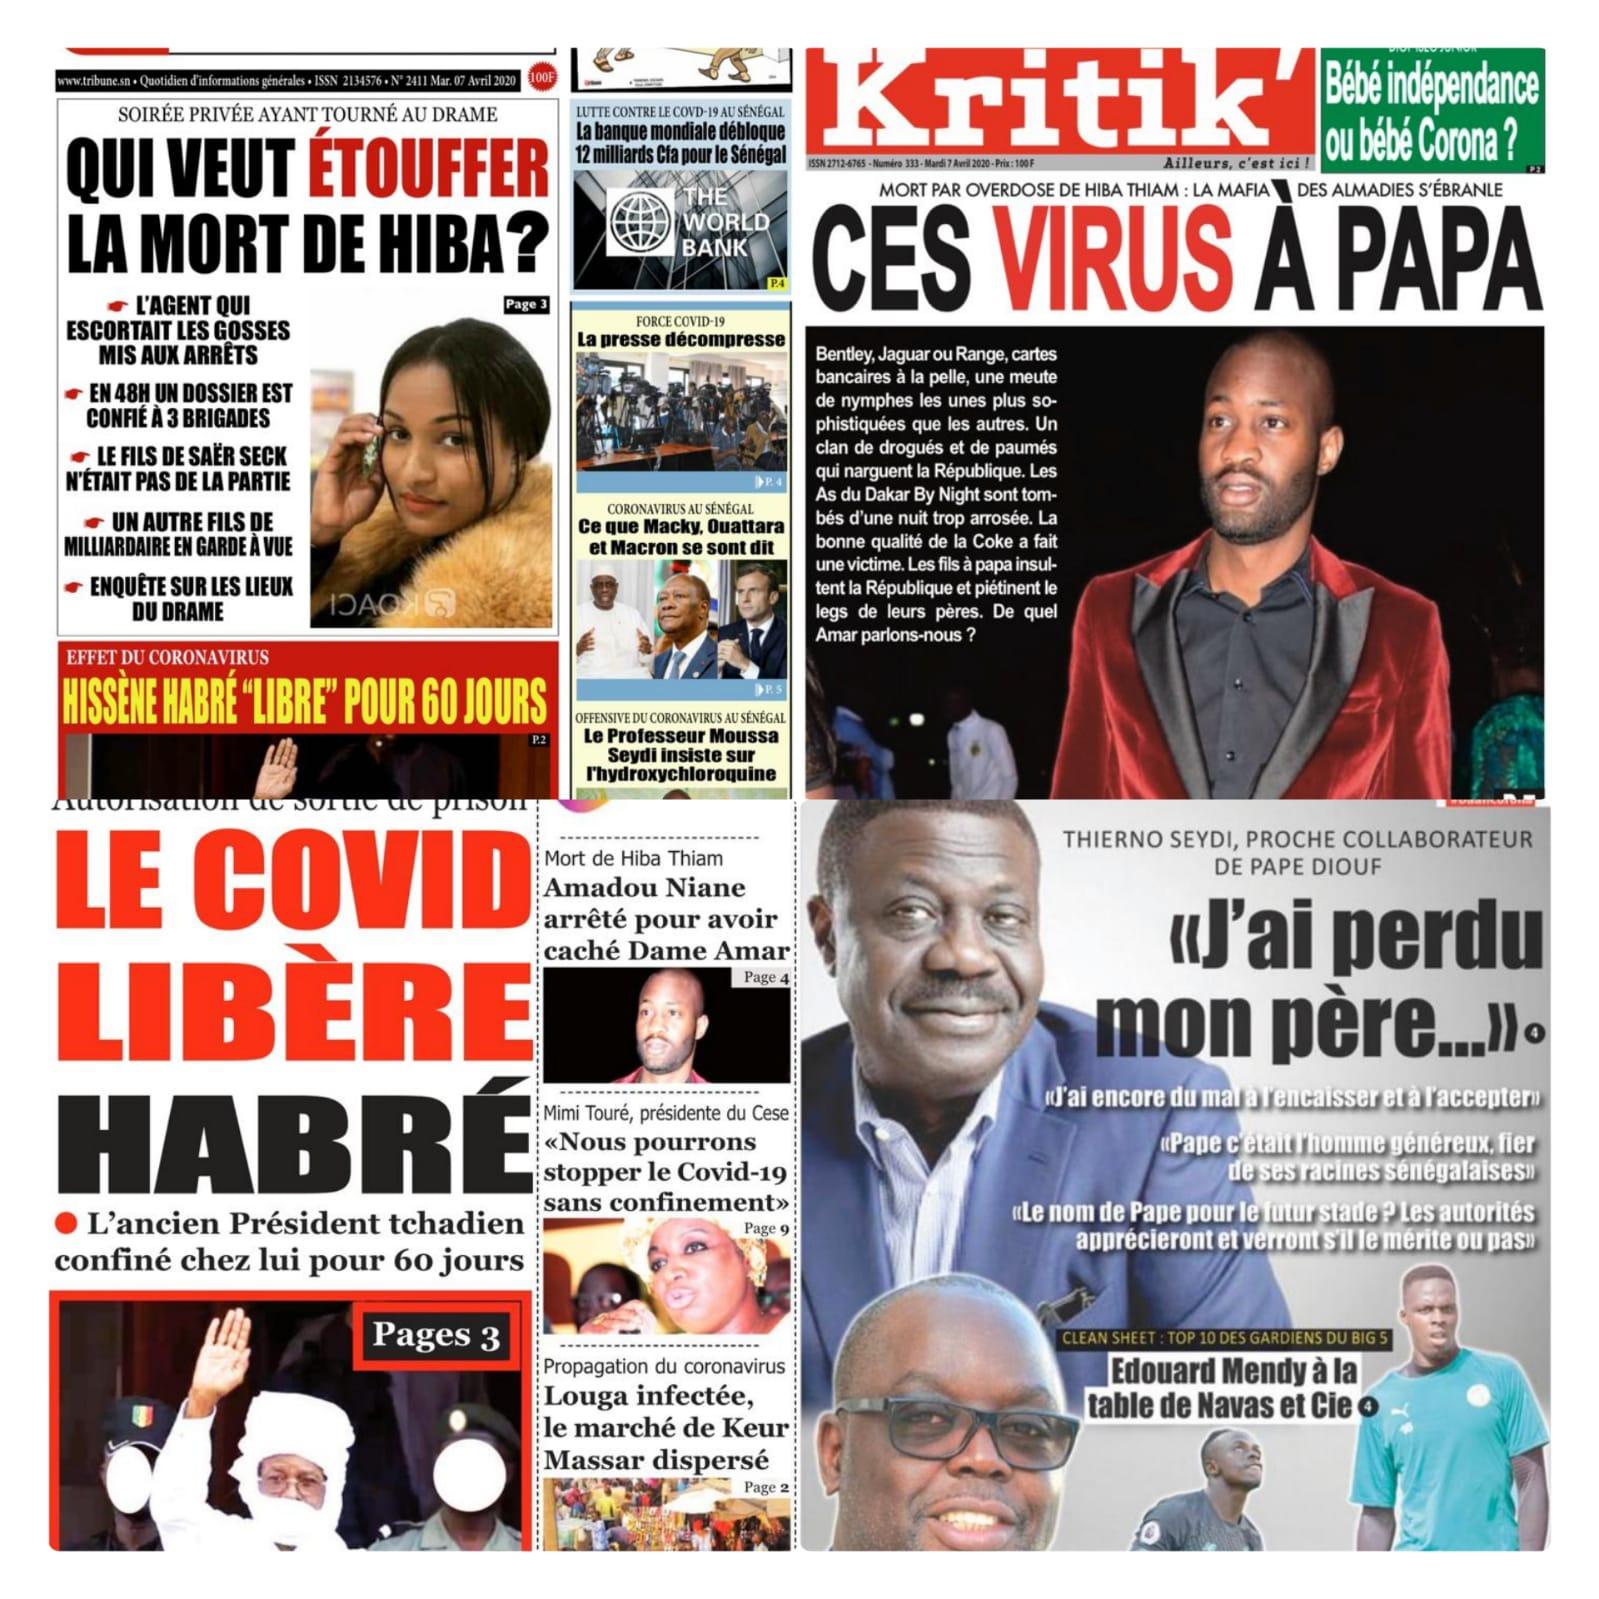 REVUE DE PRESSE: Du nouveau dans la mort de Hiba Thiam, Dame Amar et cie tombés, Hisséne Habré libre, décé de Pape Diouf....